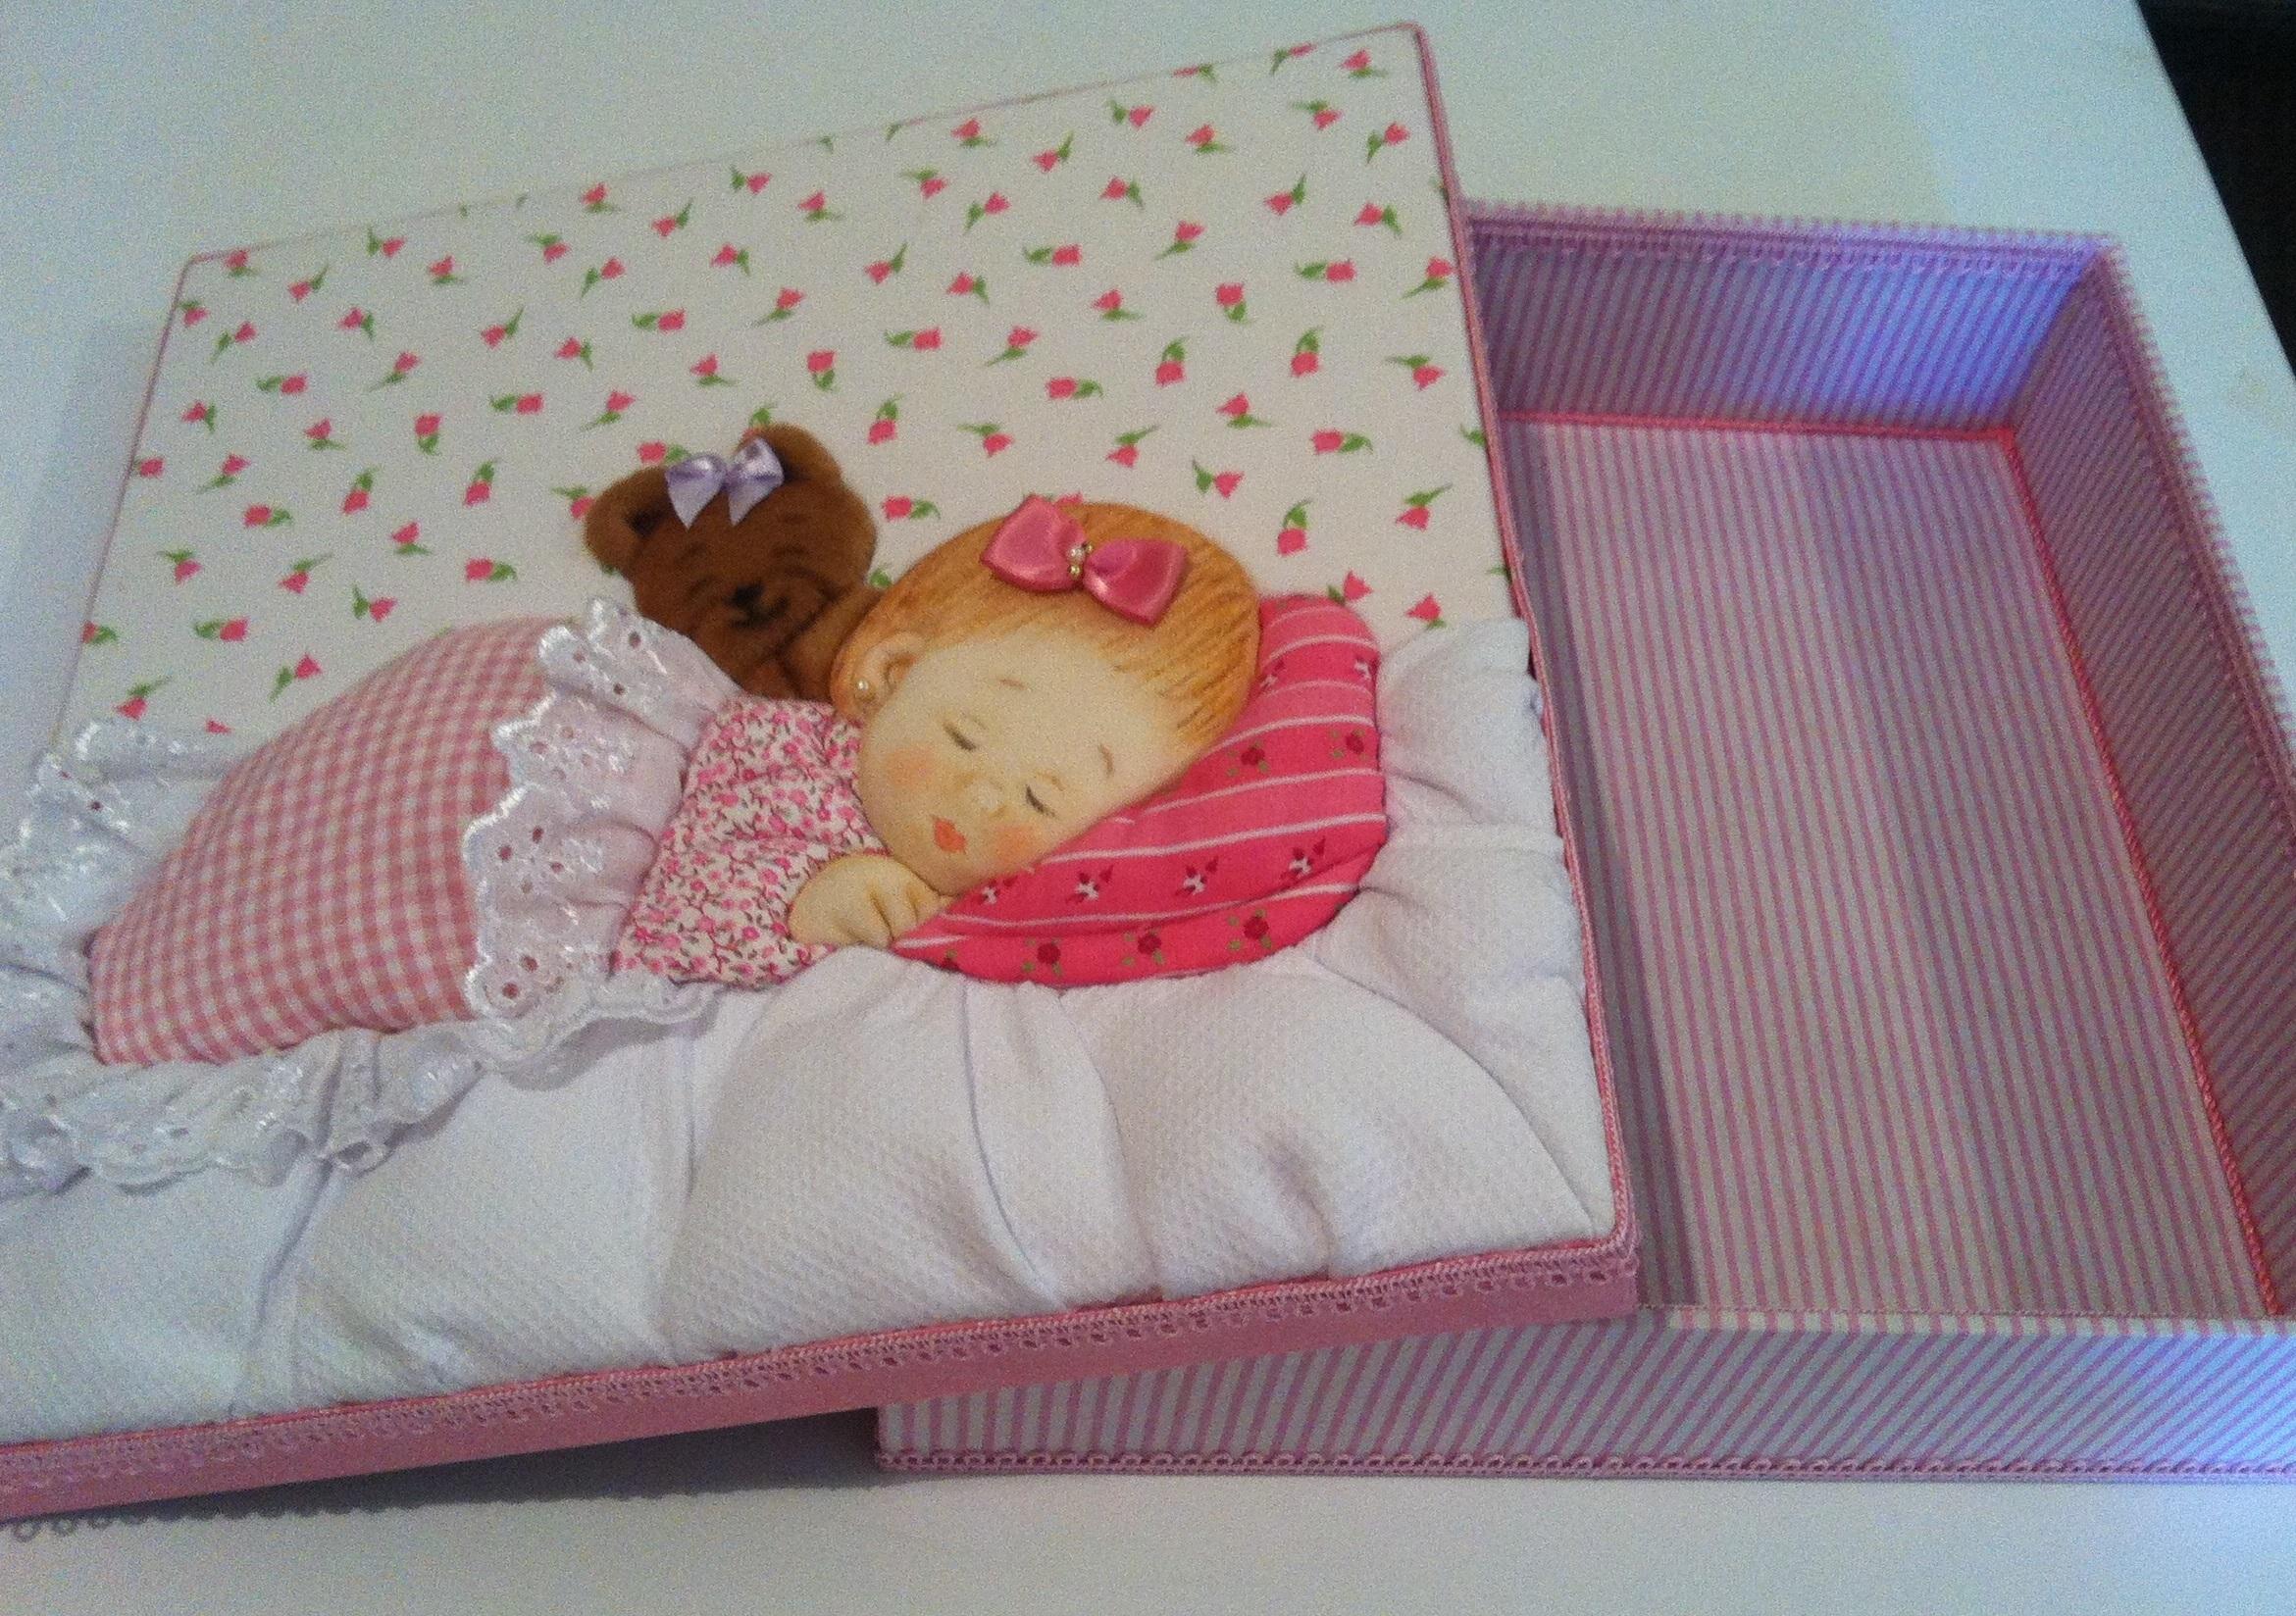 Caixa patchwork embutido beb manta rosa la arote - Como hacer mantas de patchwork ...